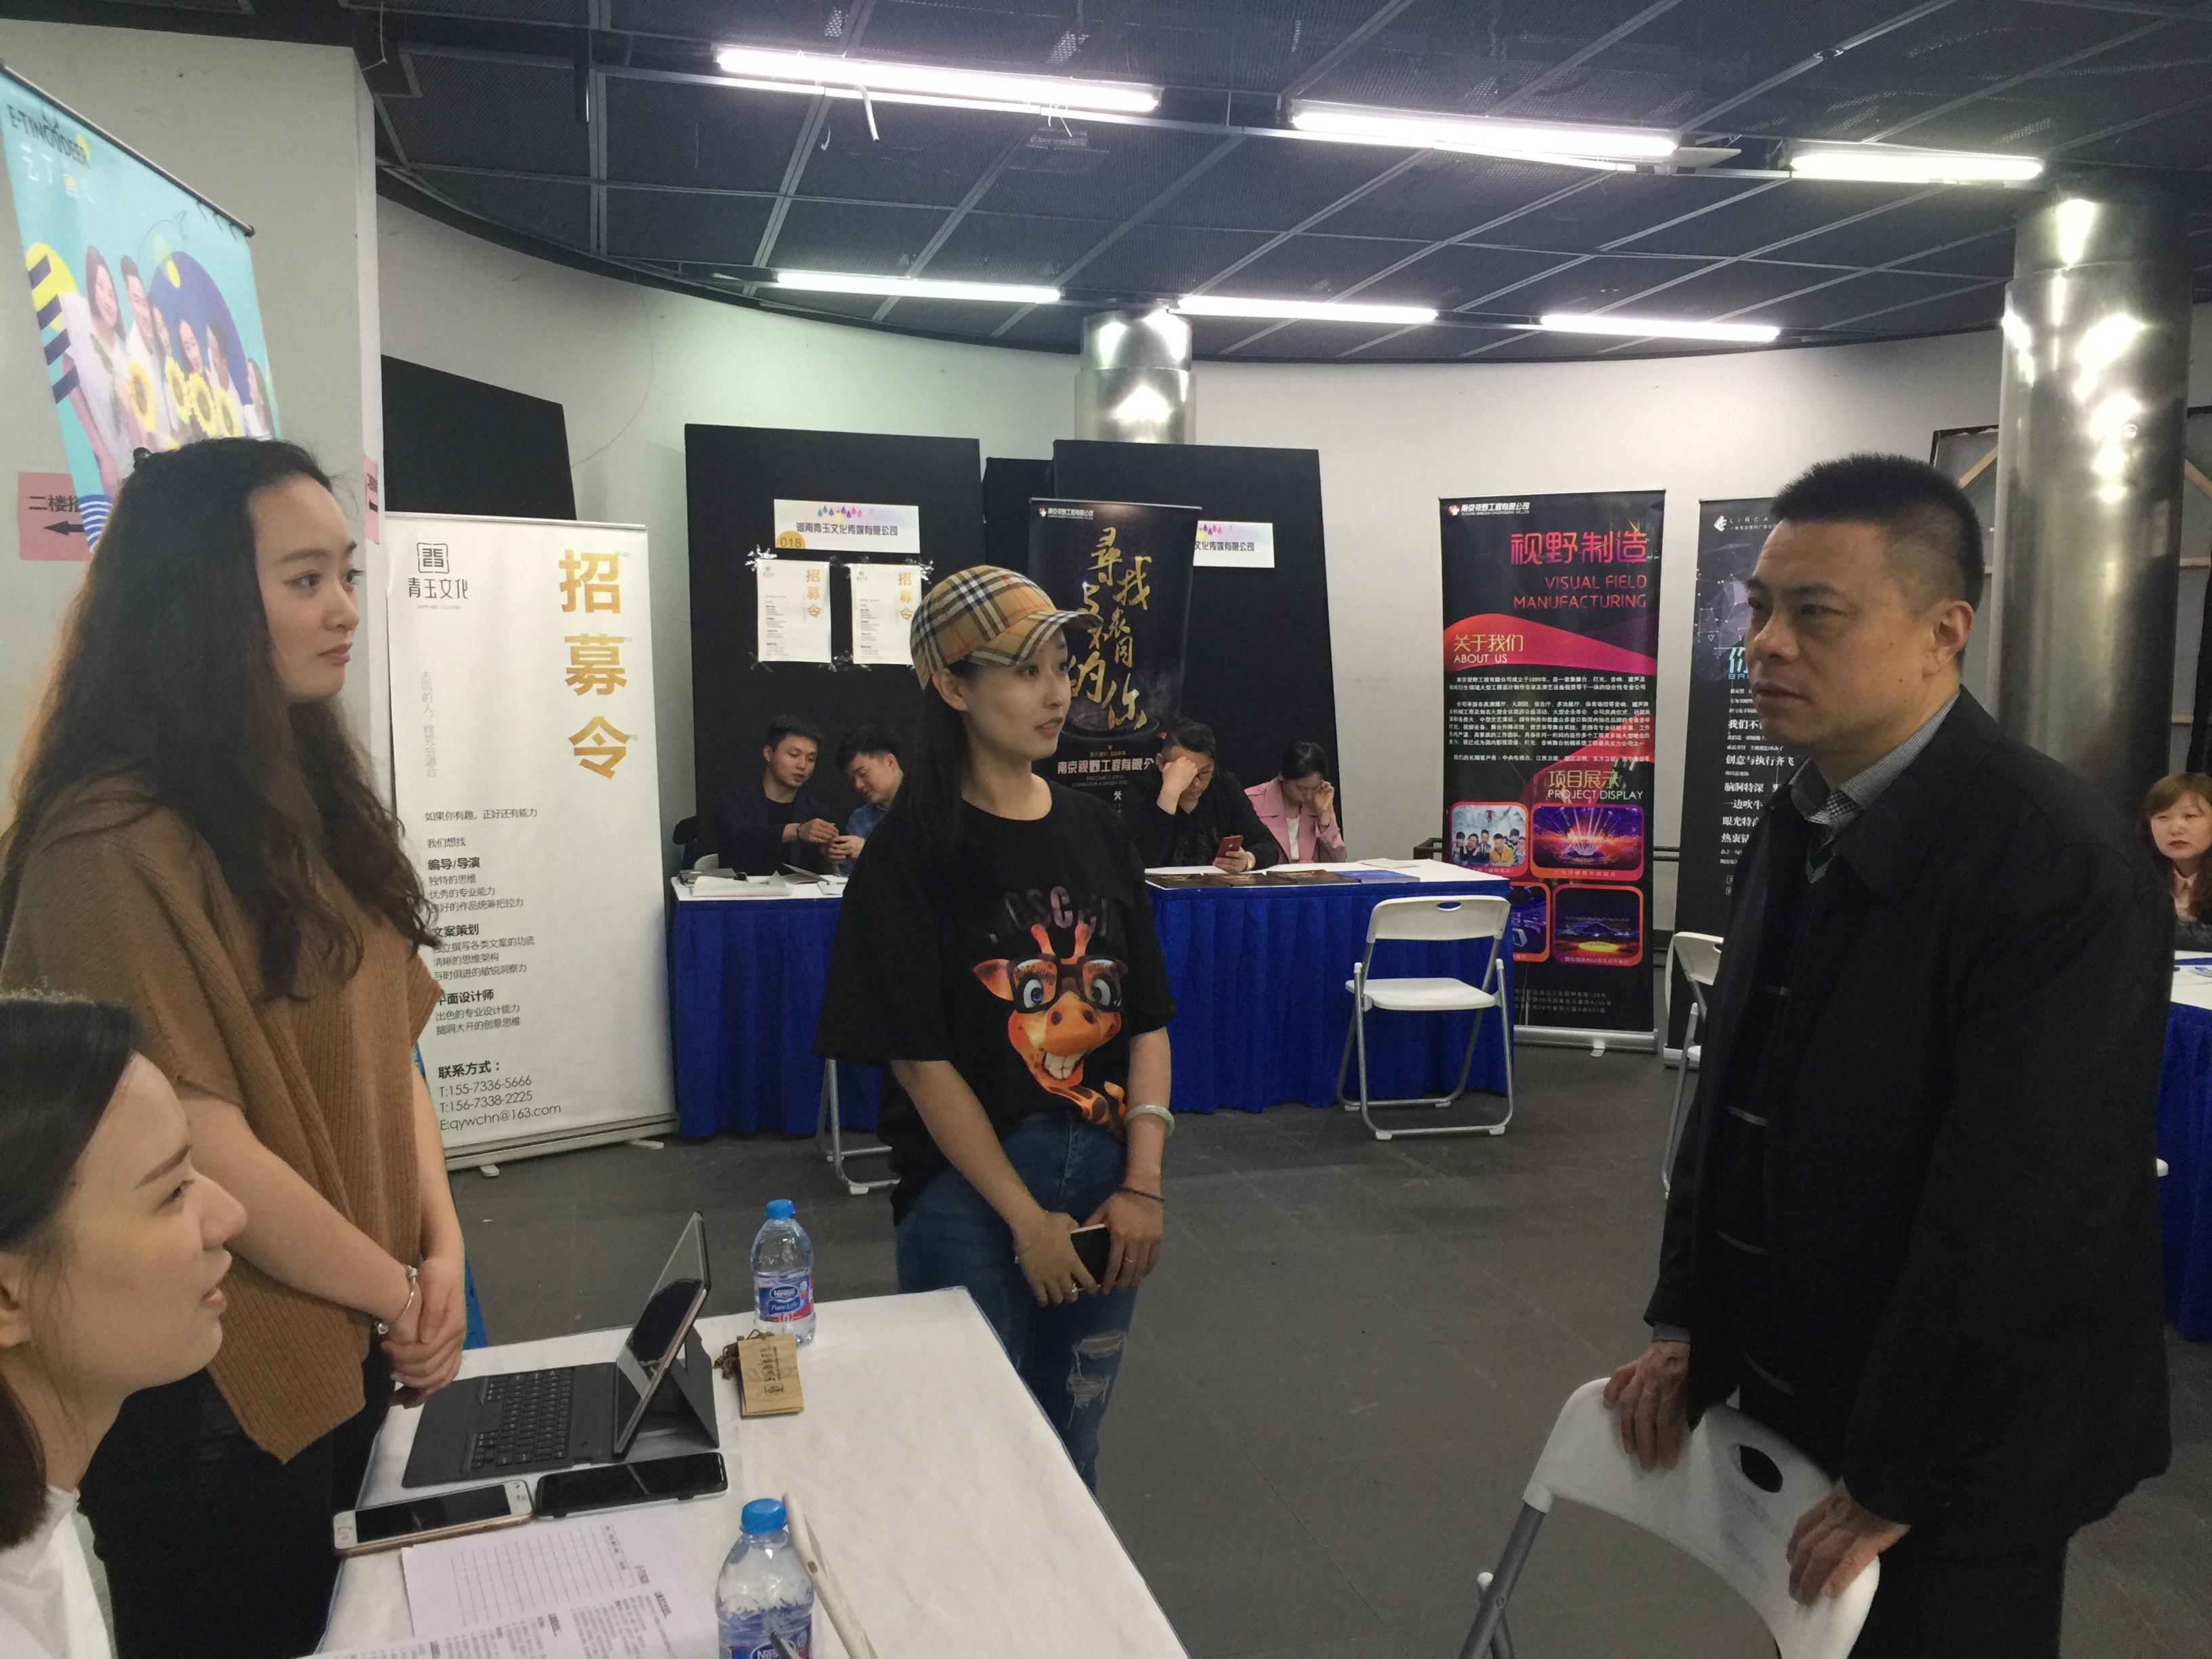 上海戏剧学院2018届毕业生春季就业推介会在端钧剧场举行